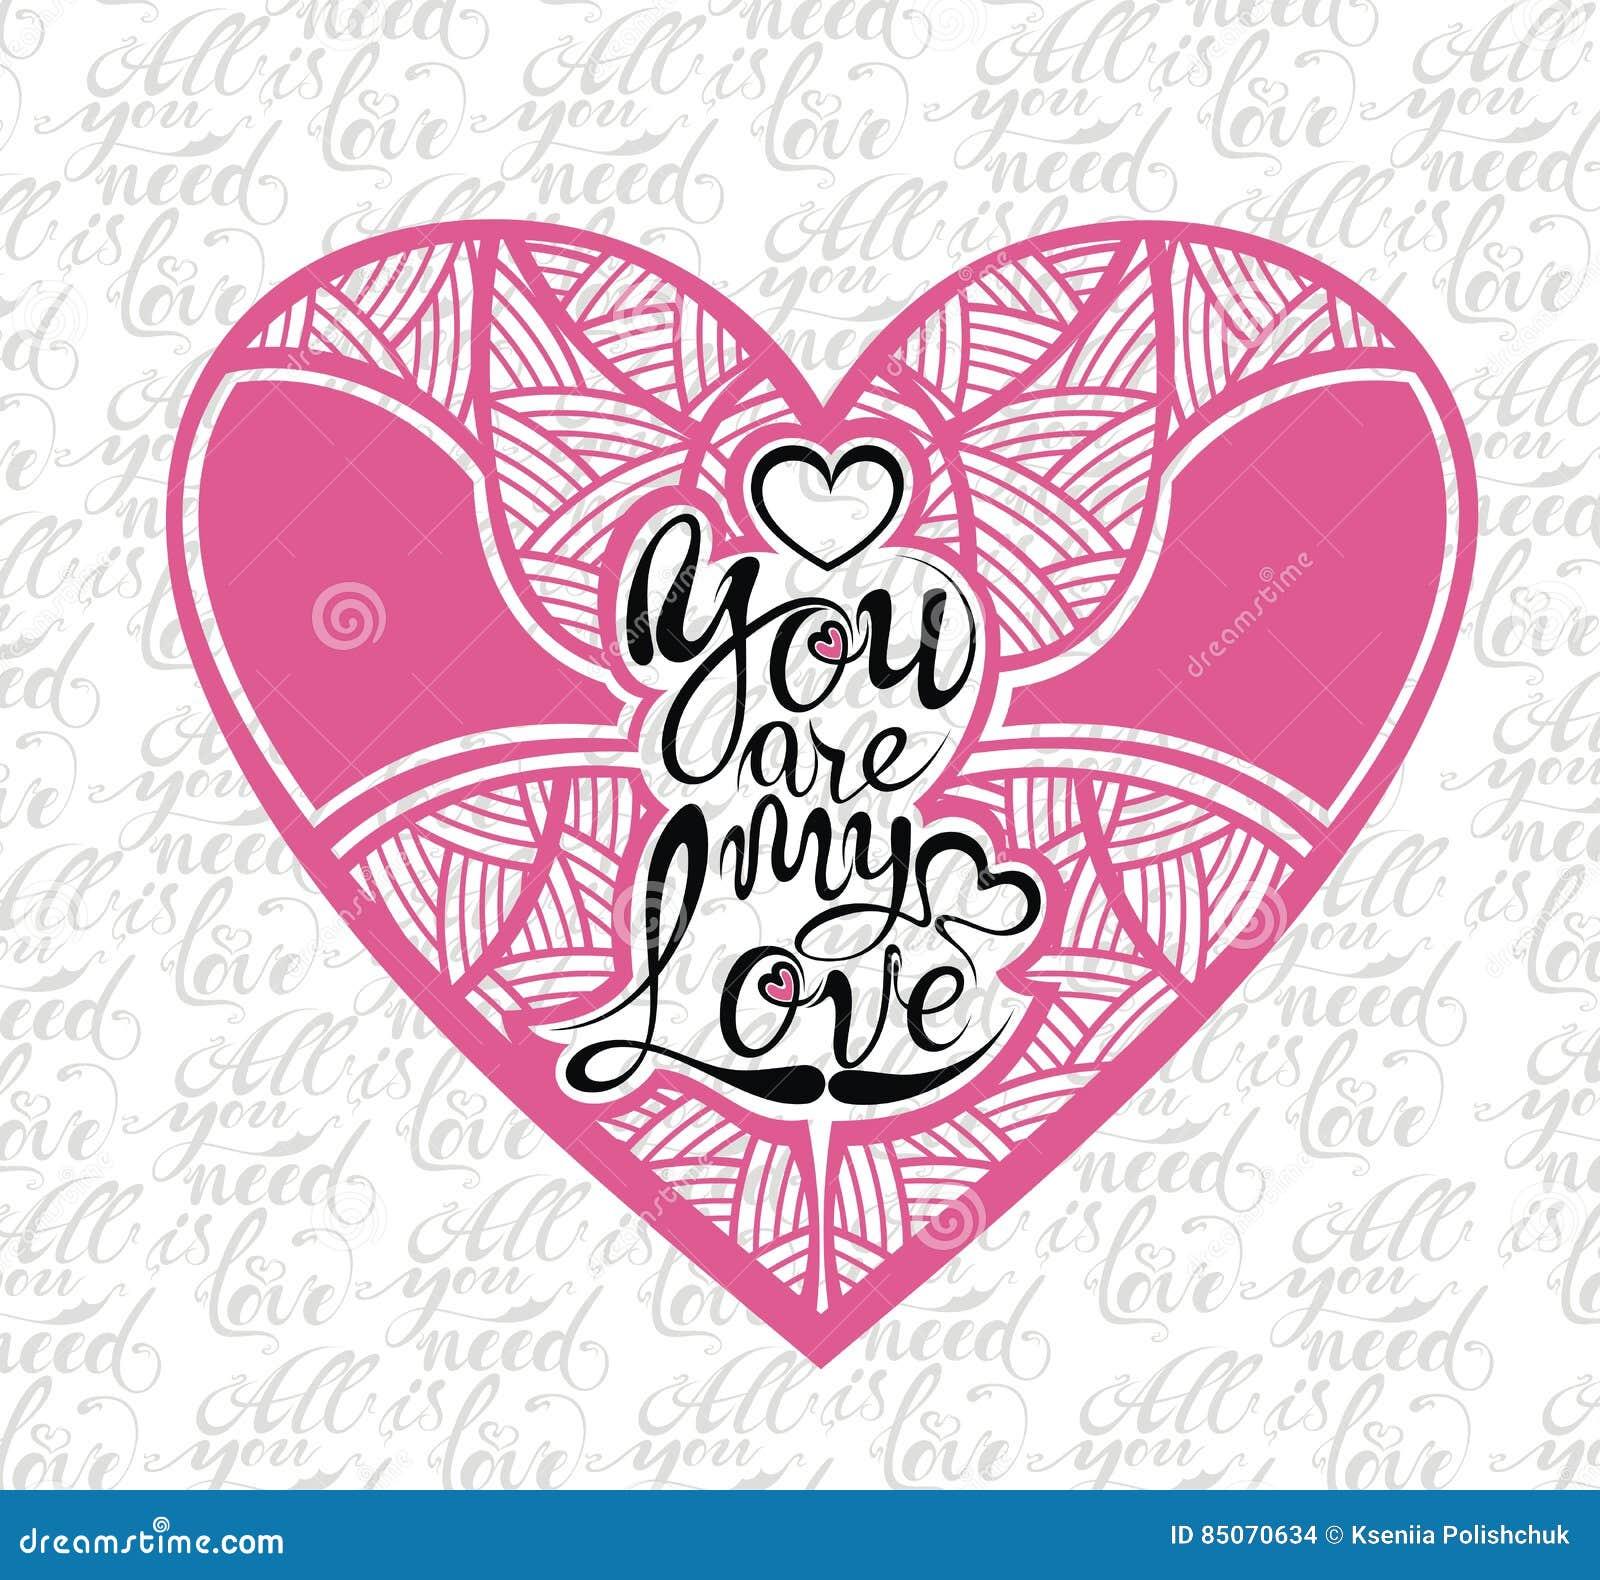 Forma Del Corazon Con Frase Del Amor Ilustracion Del Vector